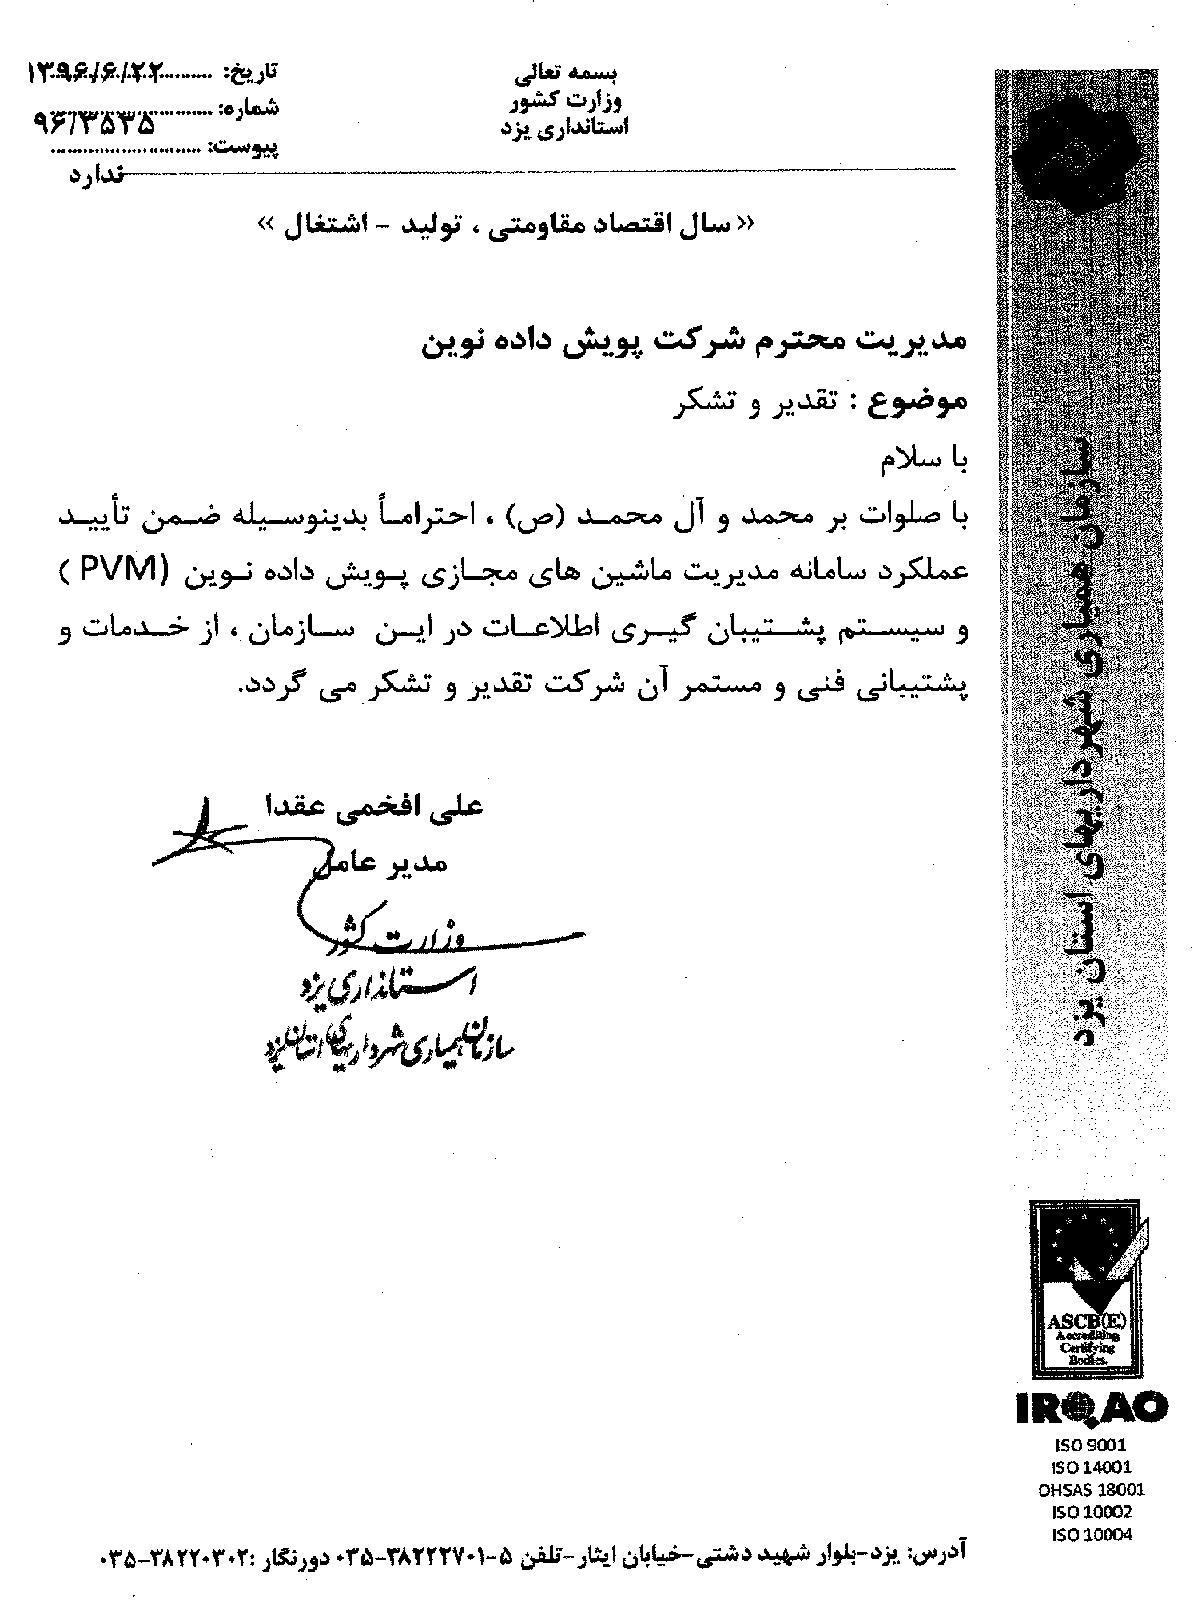 سازمان همیاری شهرداریهای استان یزد.jpg -